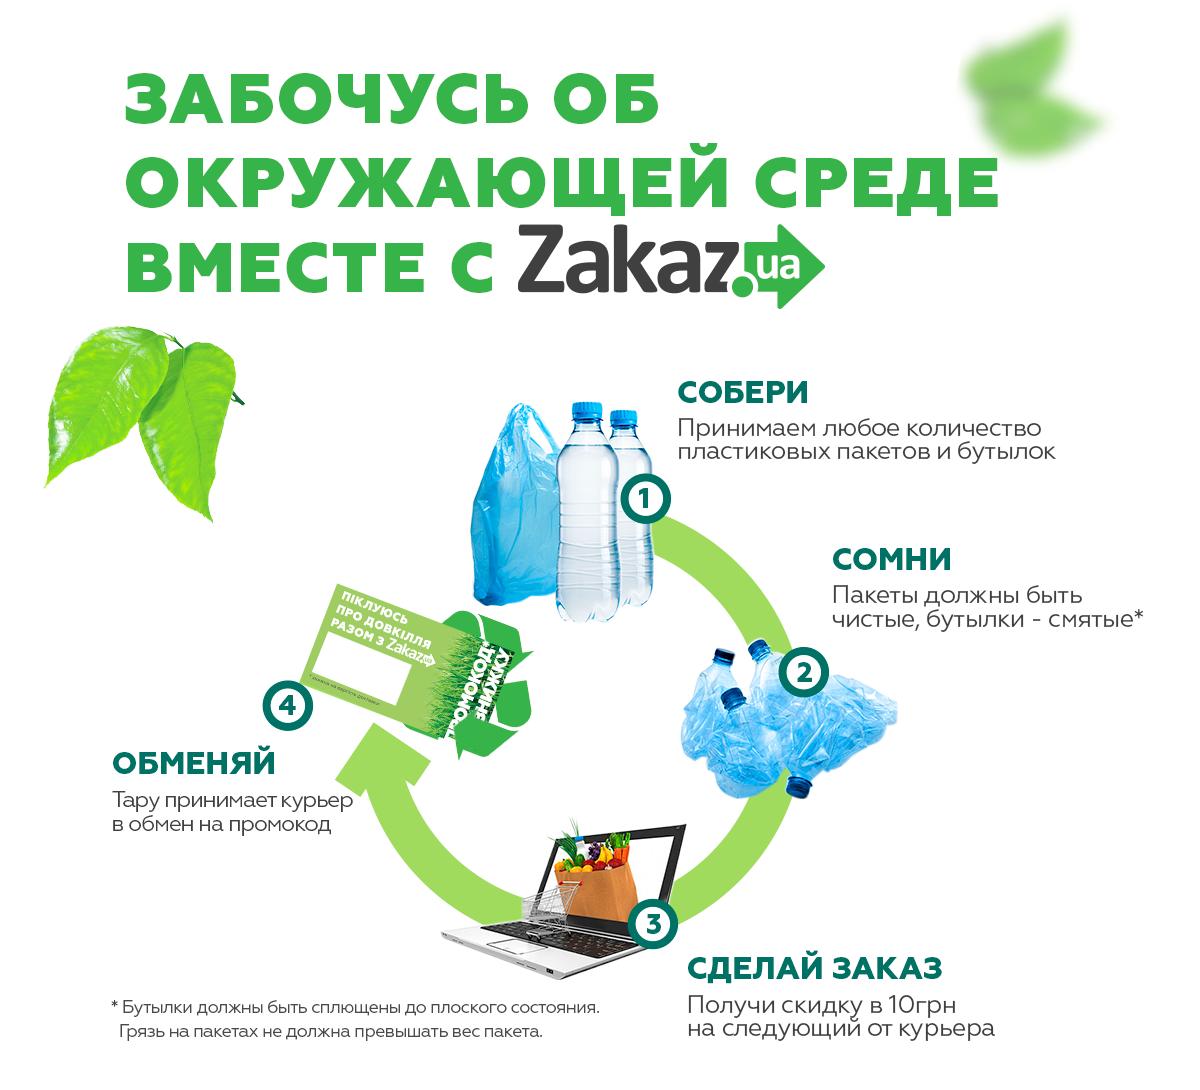 Акция от сайта Zacaz.ua - сдай пластик, получи 10 грн. скидки